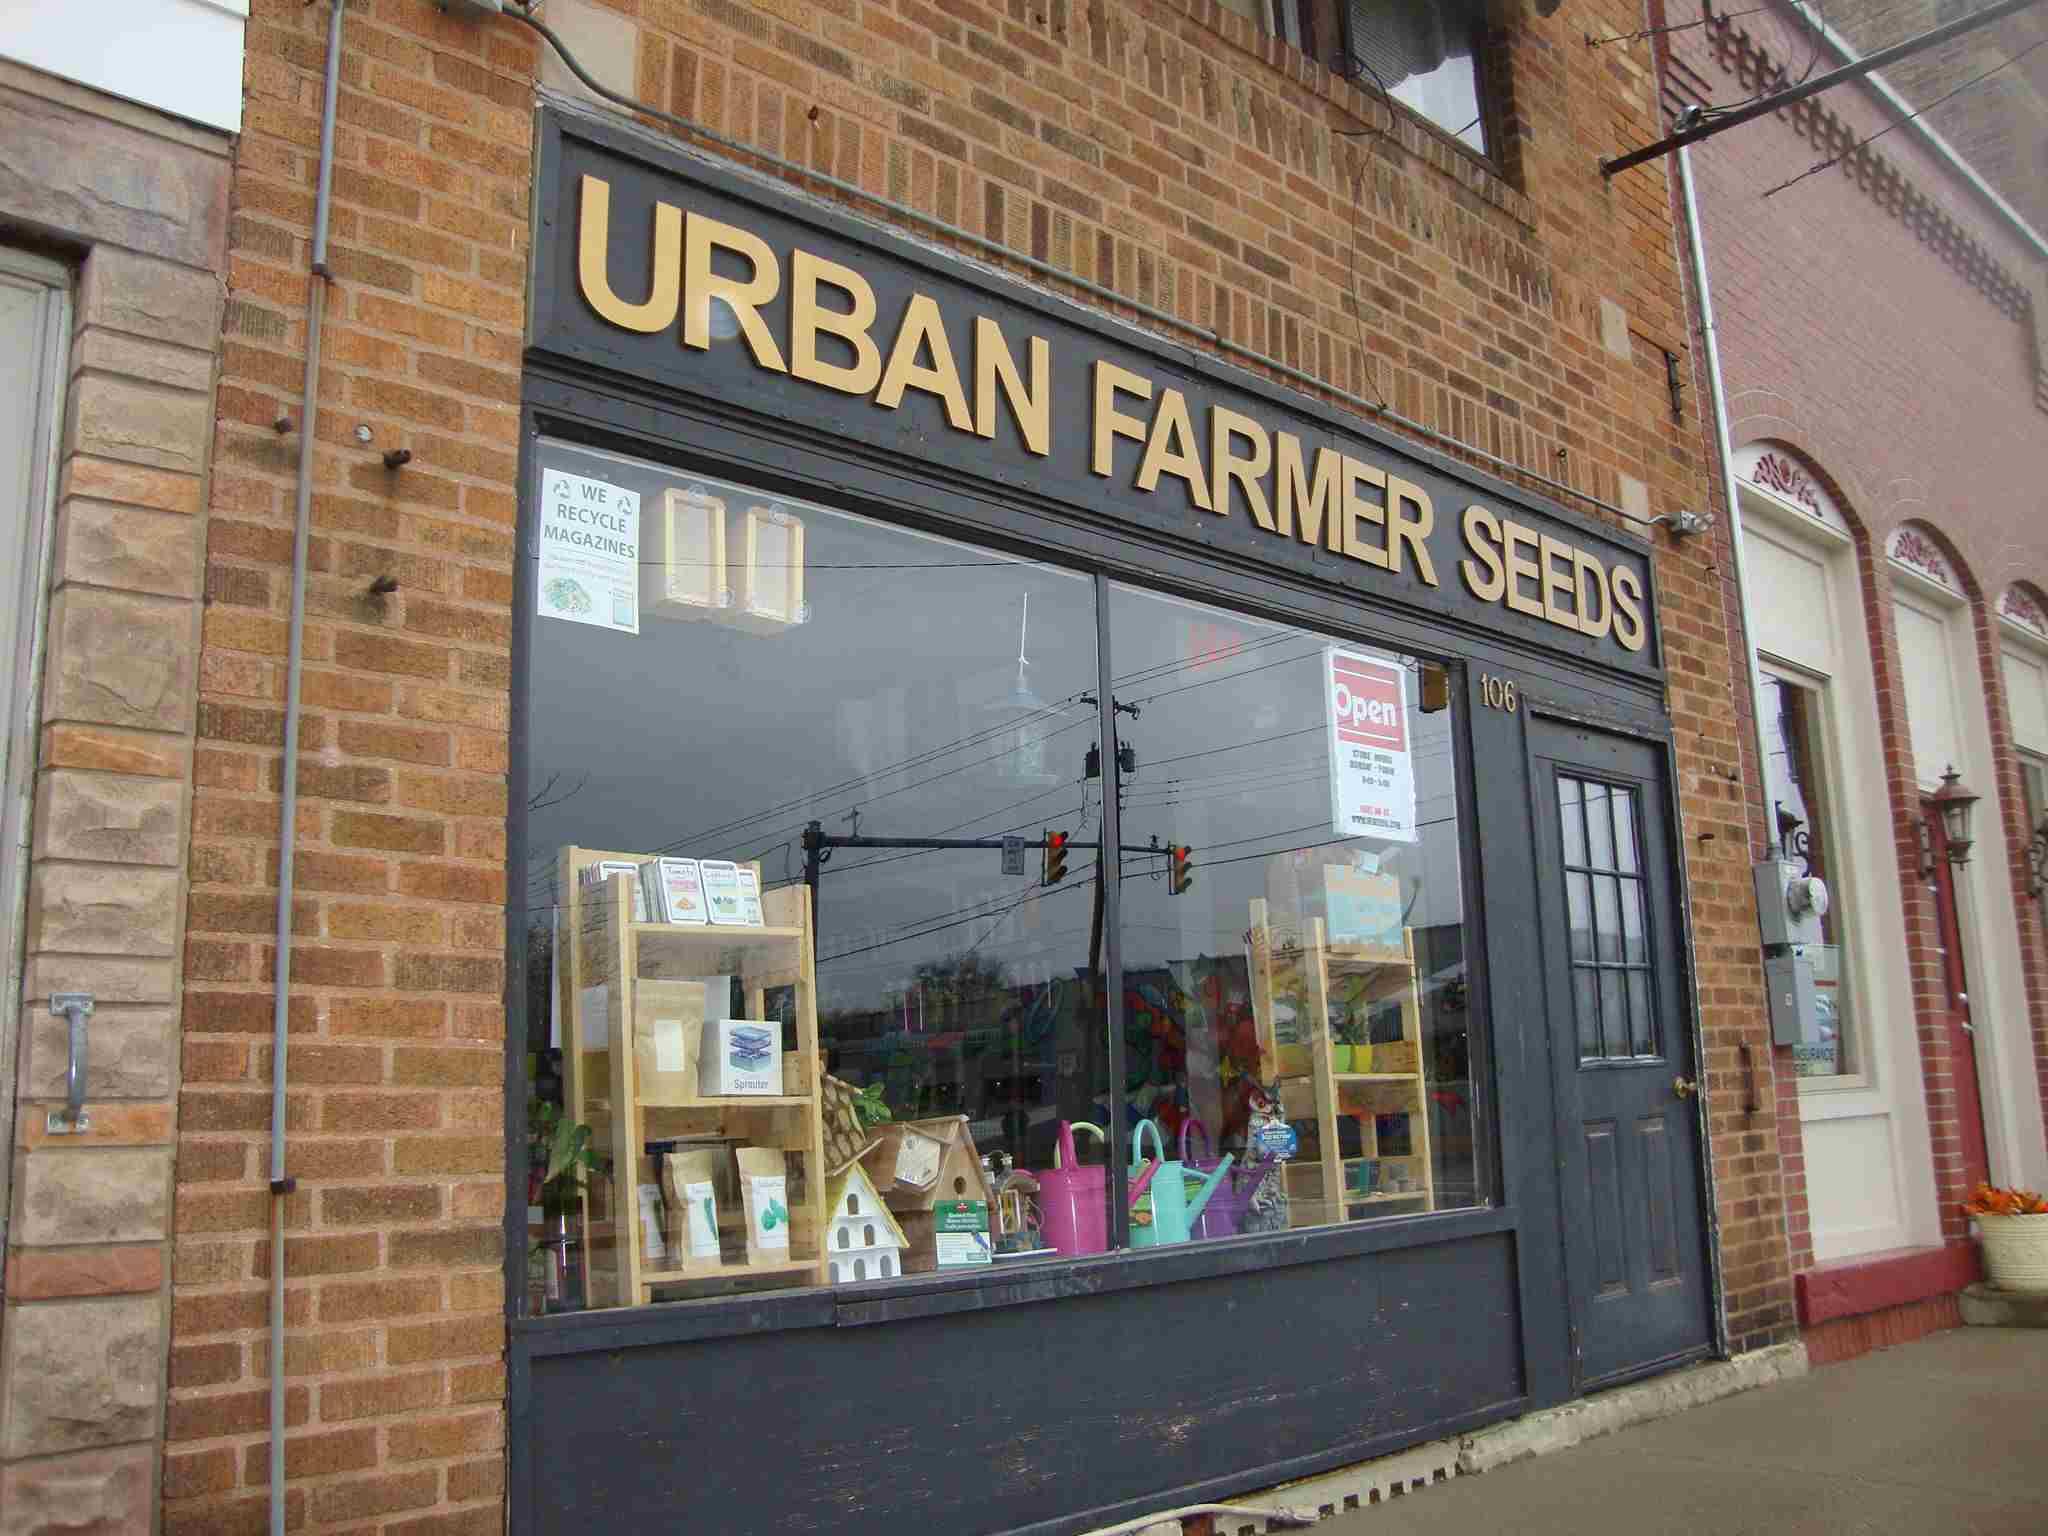 Tienda de Urban Farmer Seeds